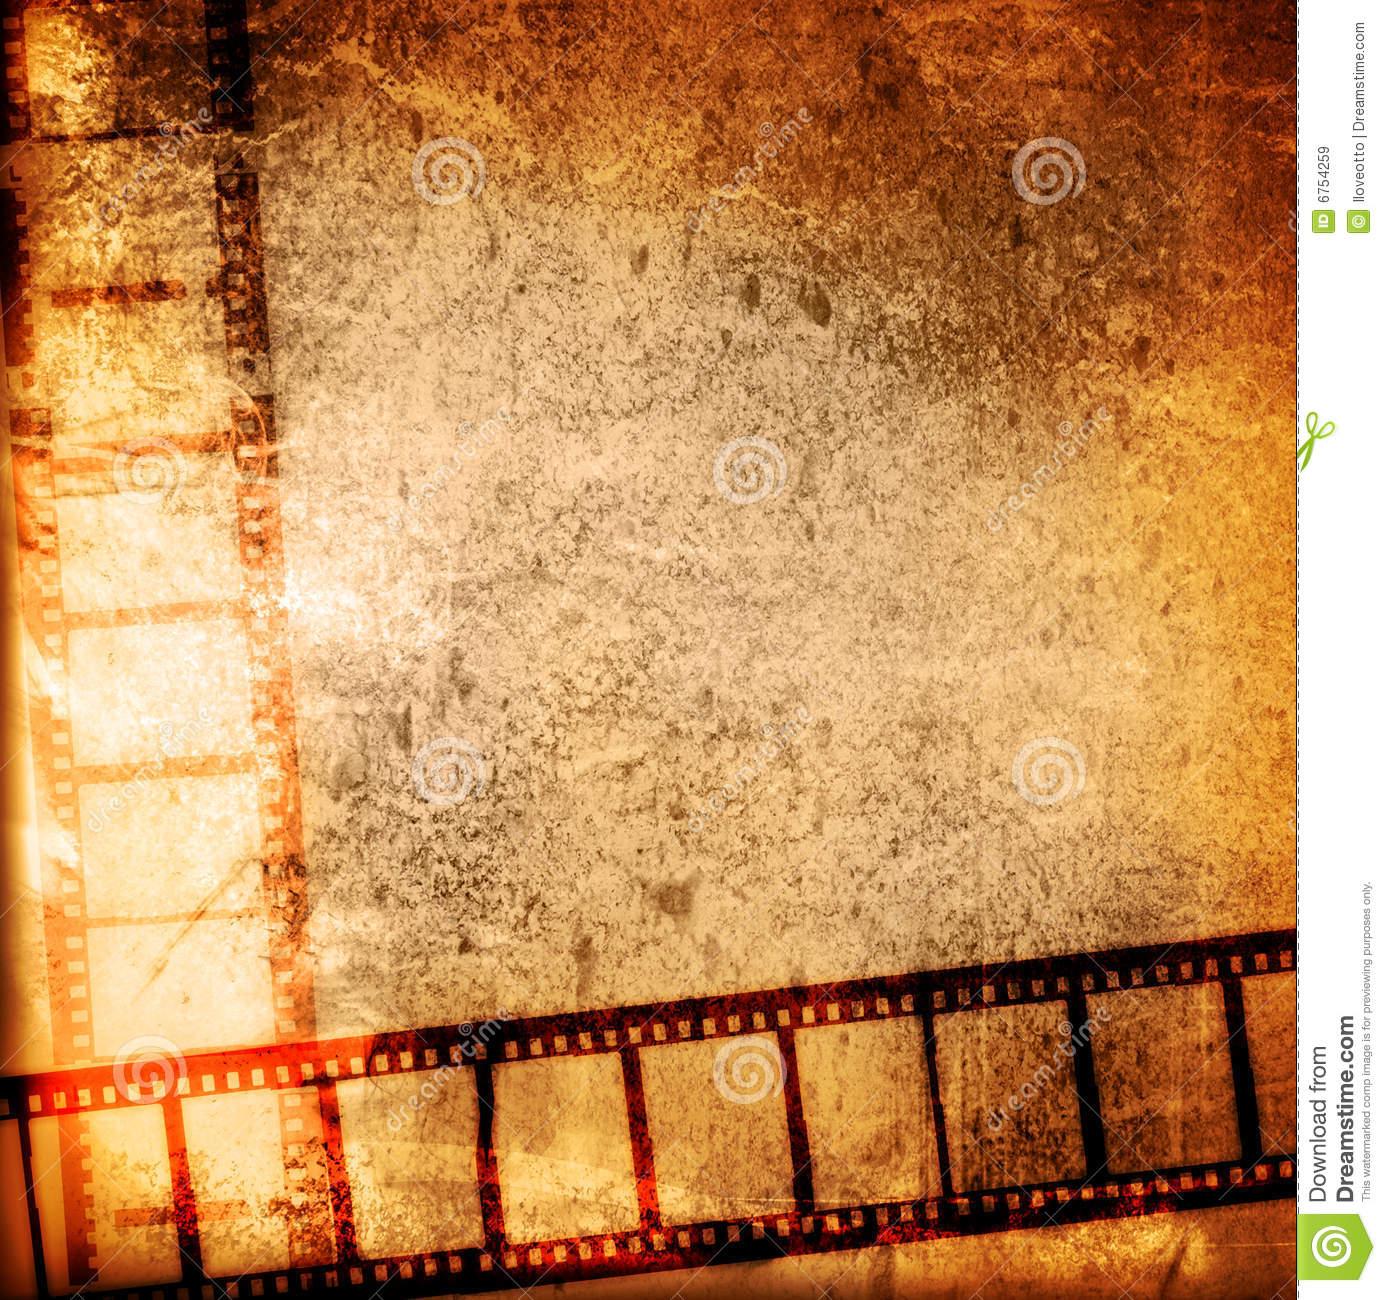 film poster background - Google Search   Spraoi na mi   Pinterest